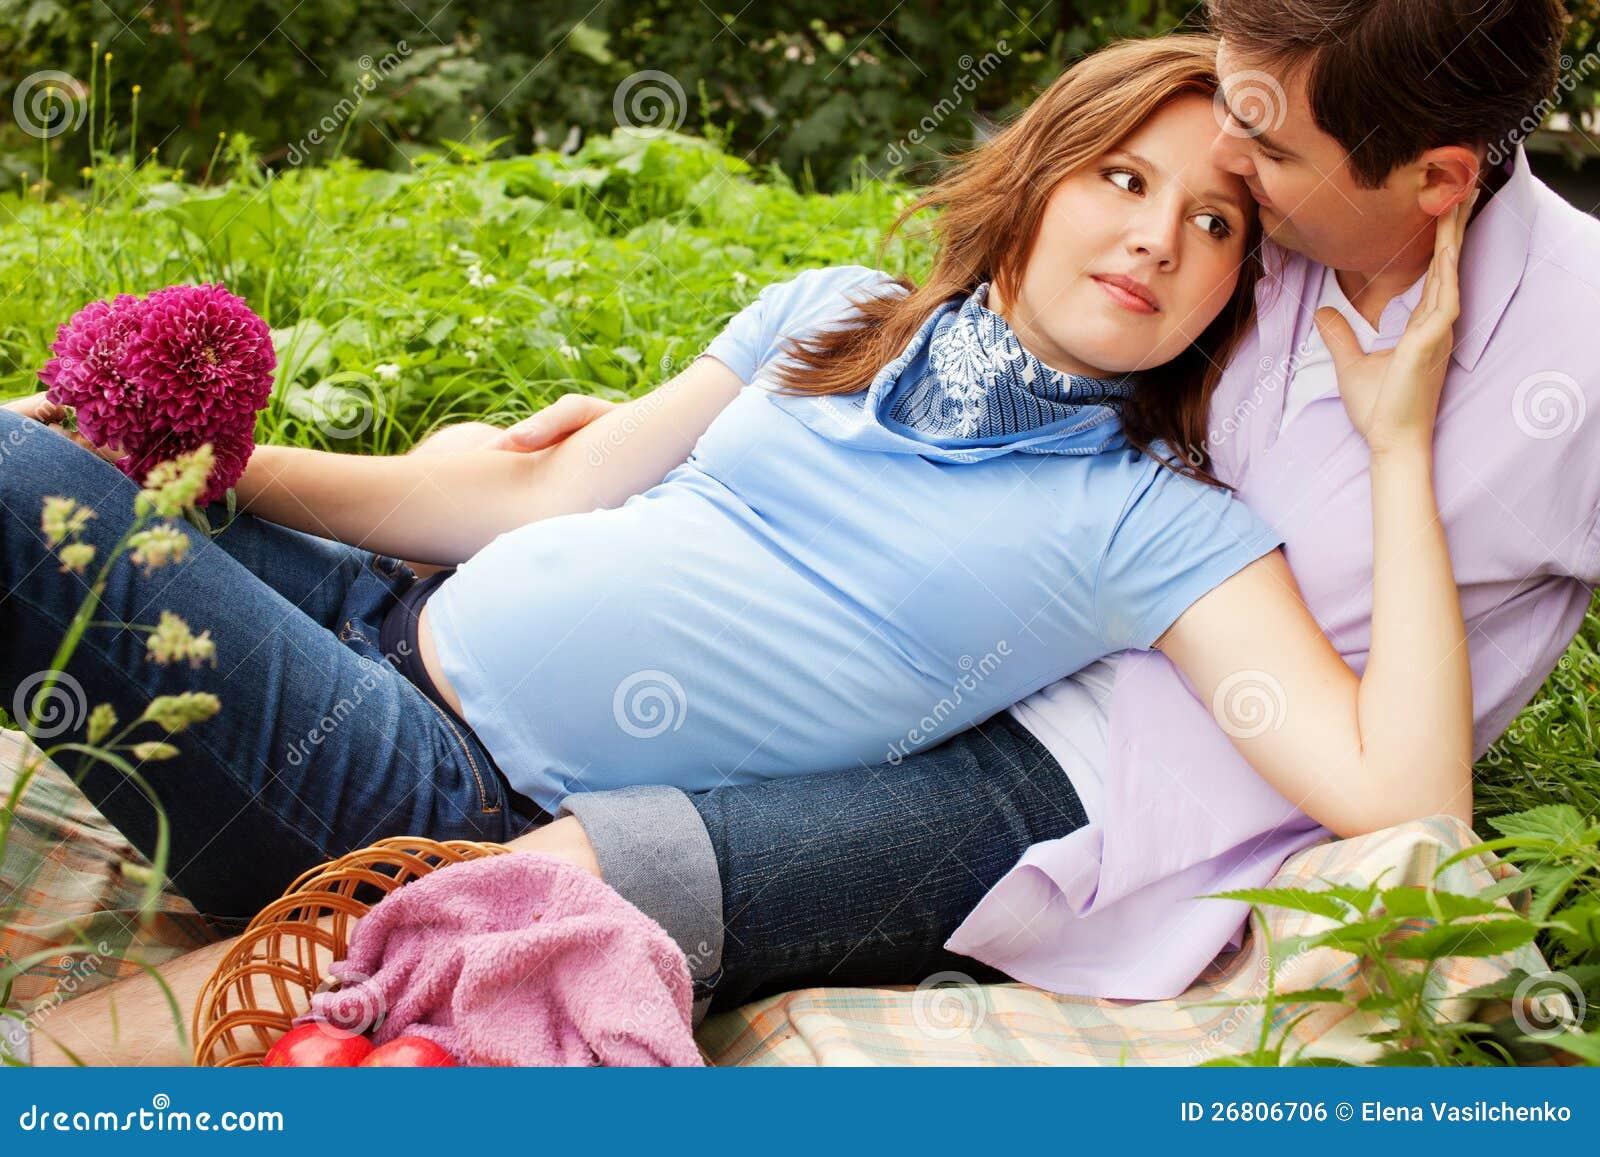 Он сделал беременной жены невероятно